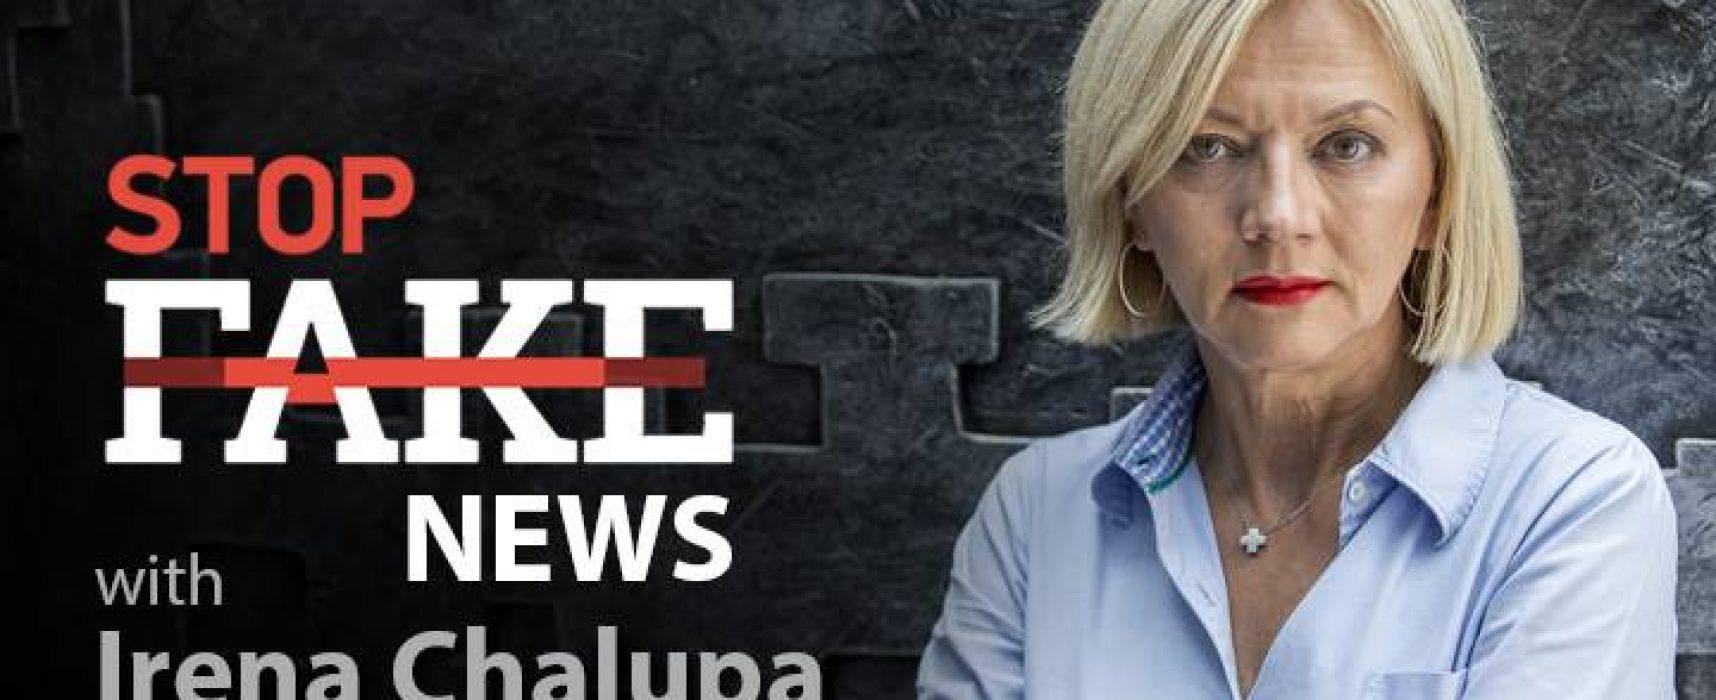 StopFakeNews #88 [Engels] met Irena Chalupa